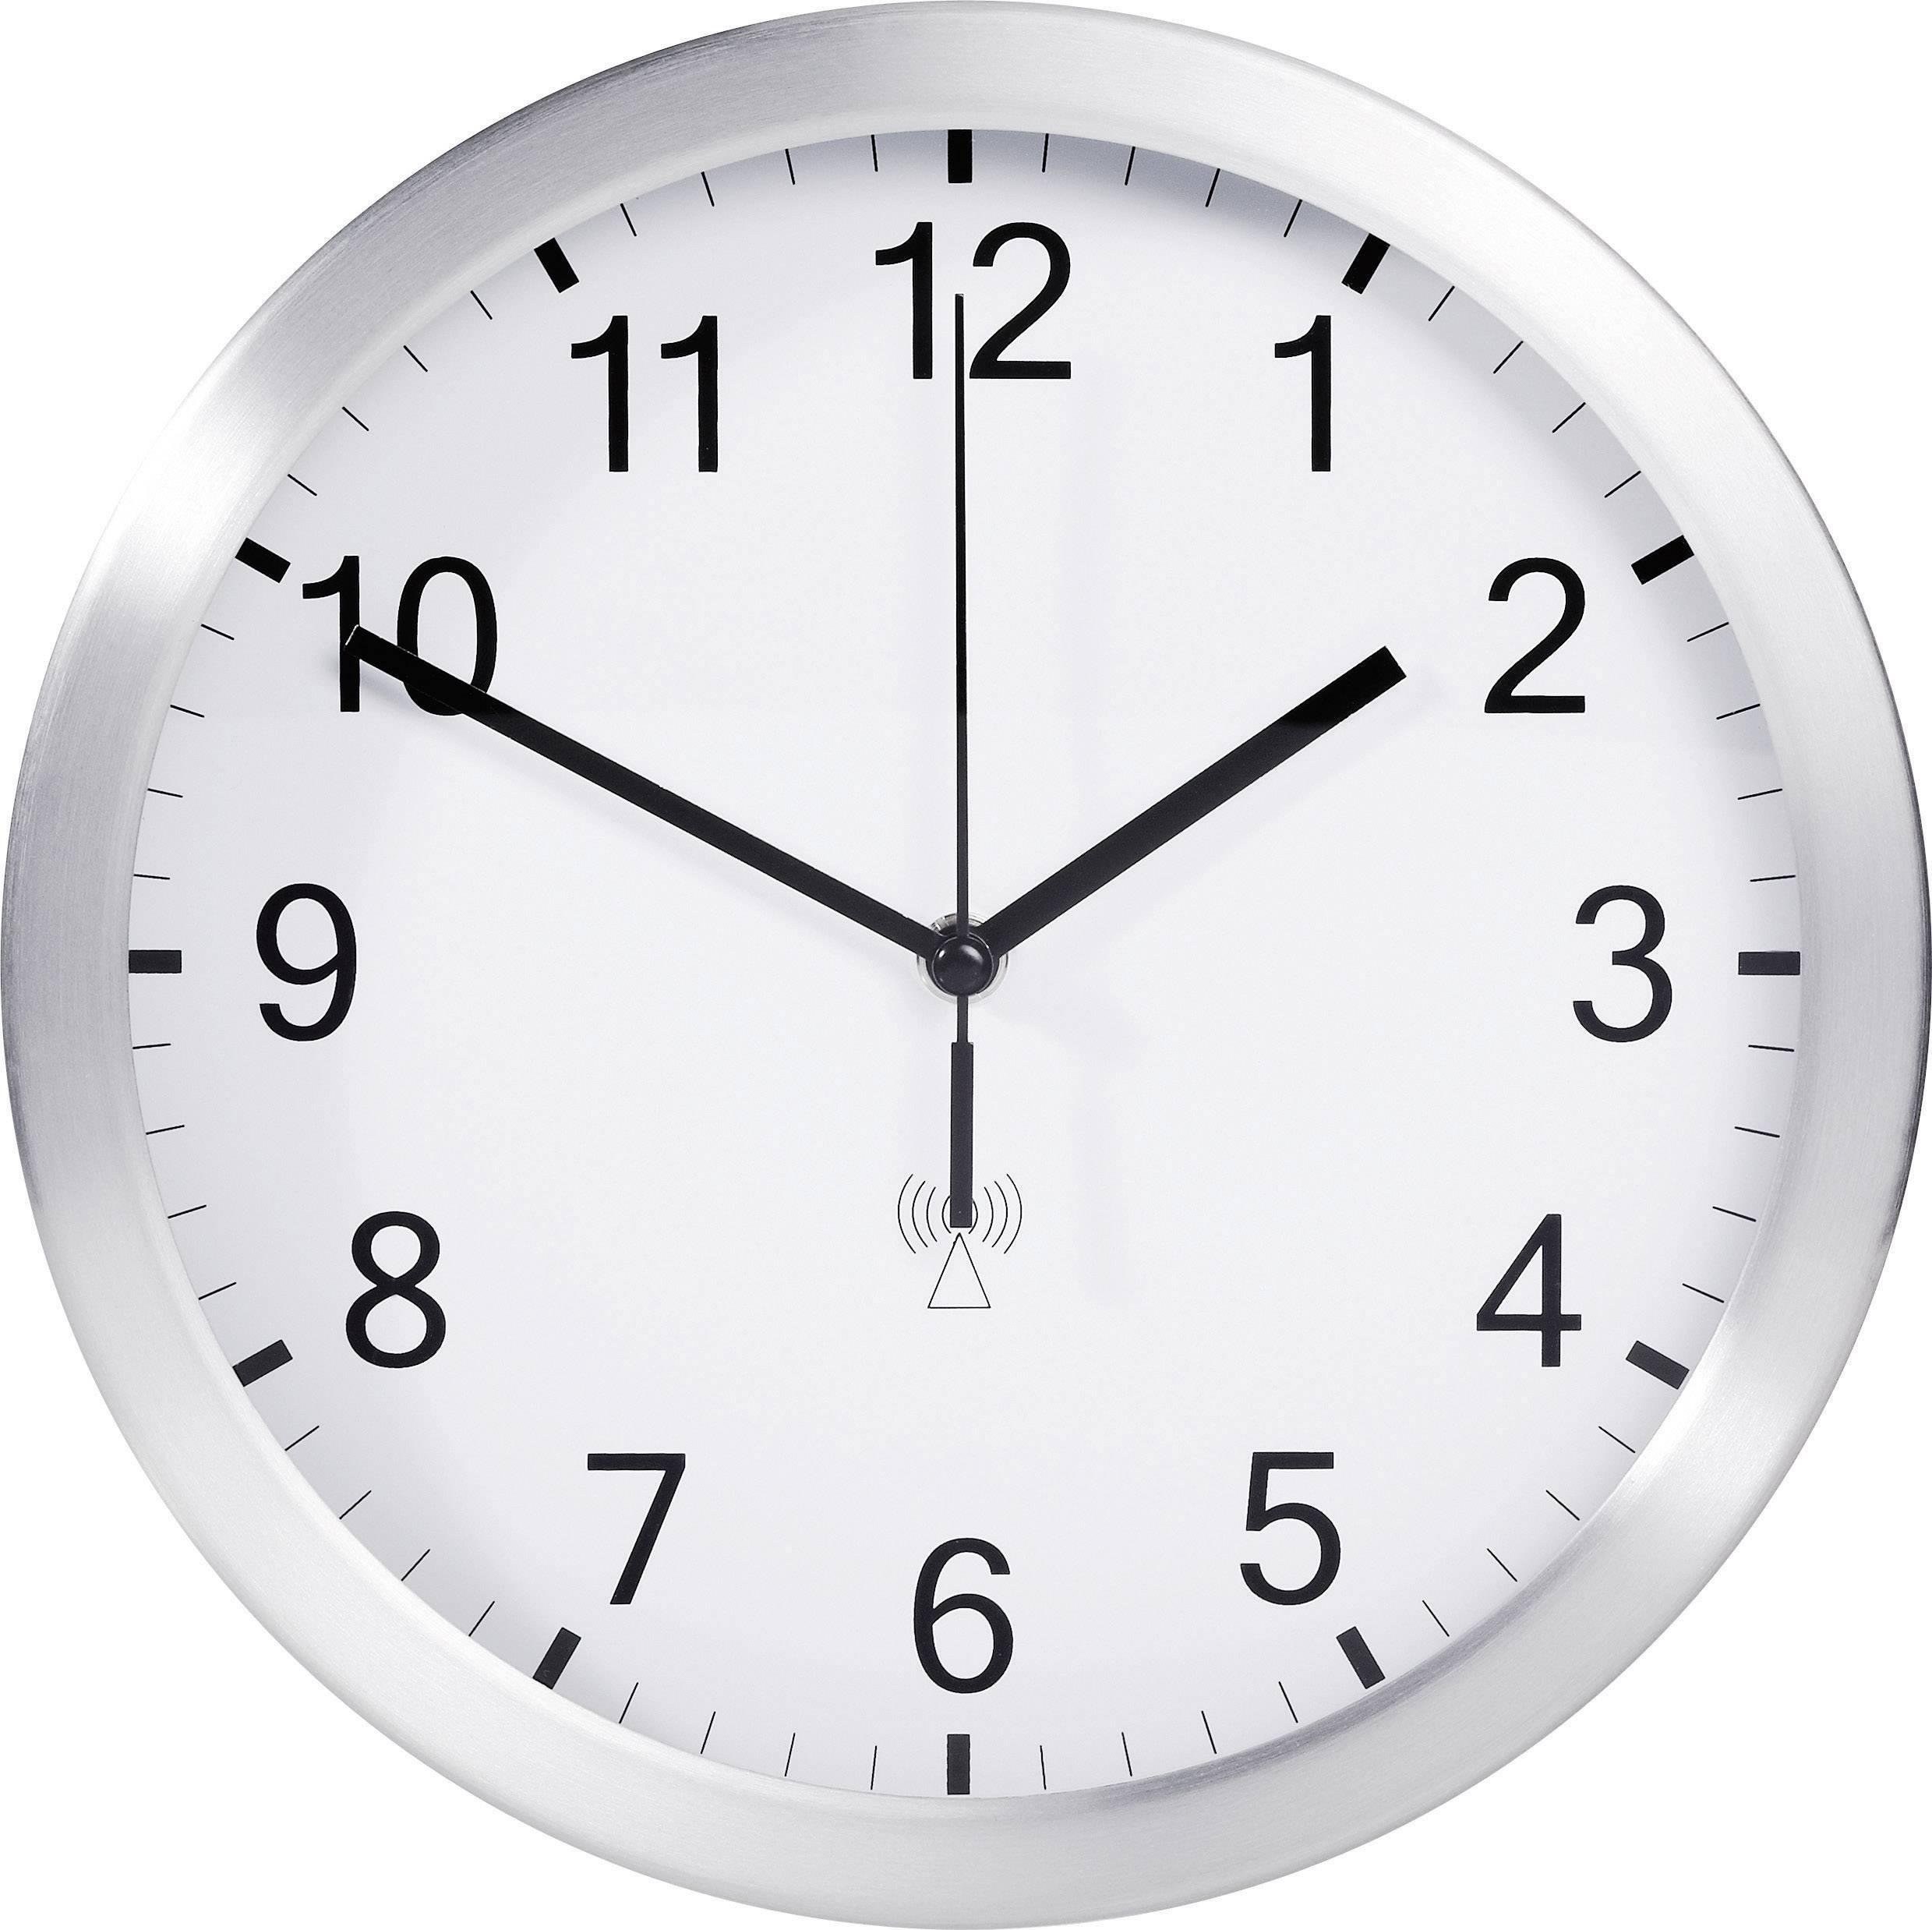 Zegar ścienny Analogowy Tfa 98109102 Sterowany Radiowo Biały øxg 25 Cmx4 Cm